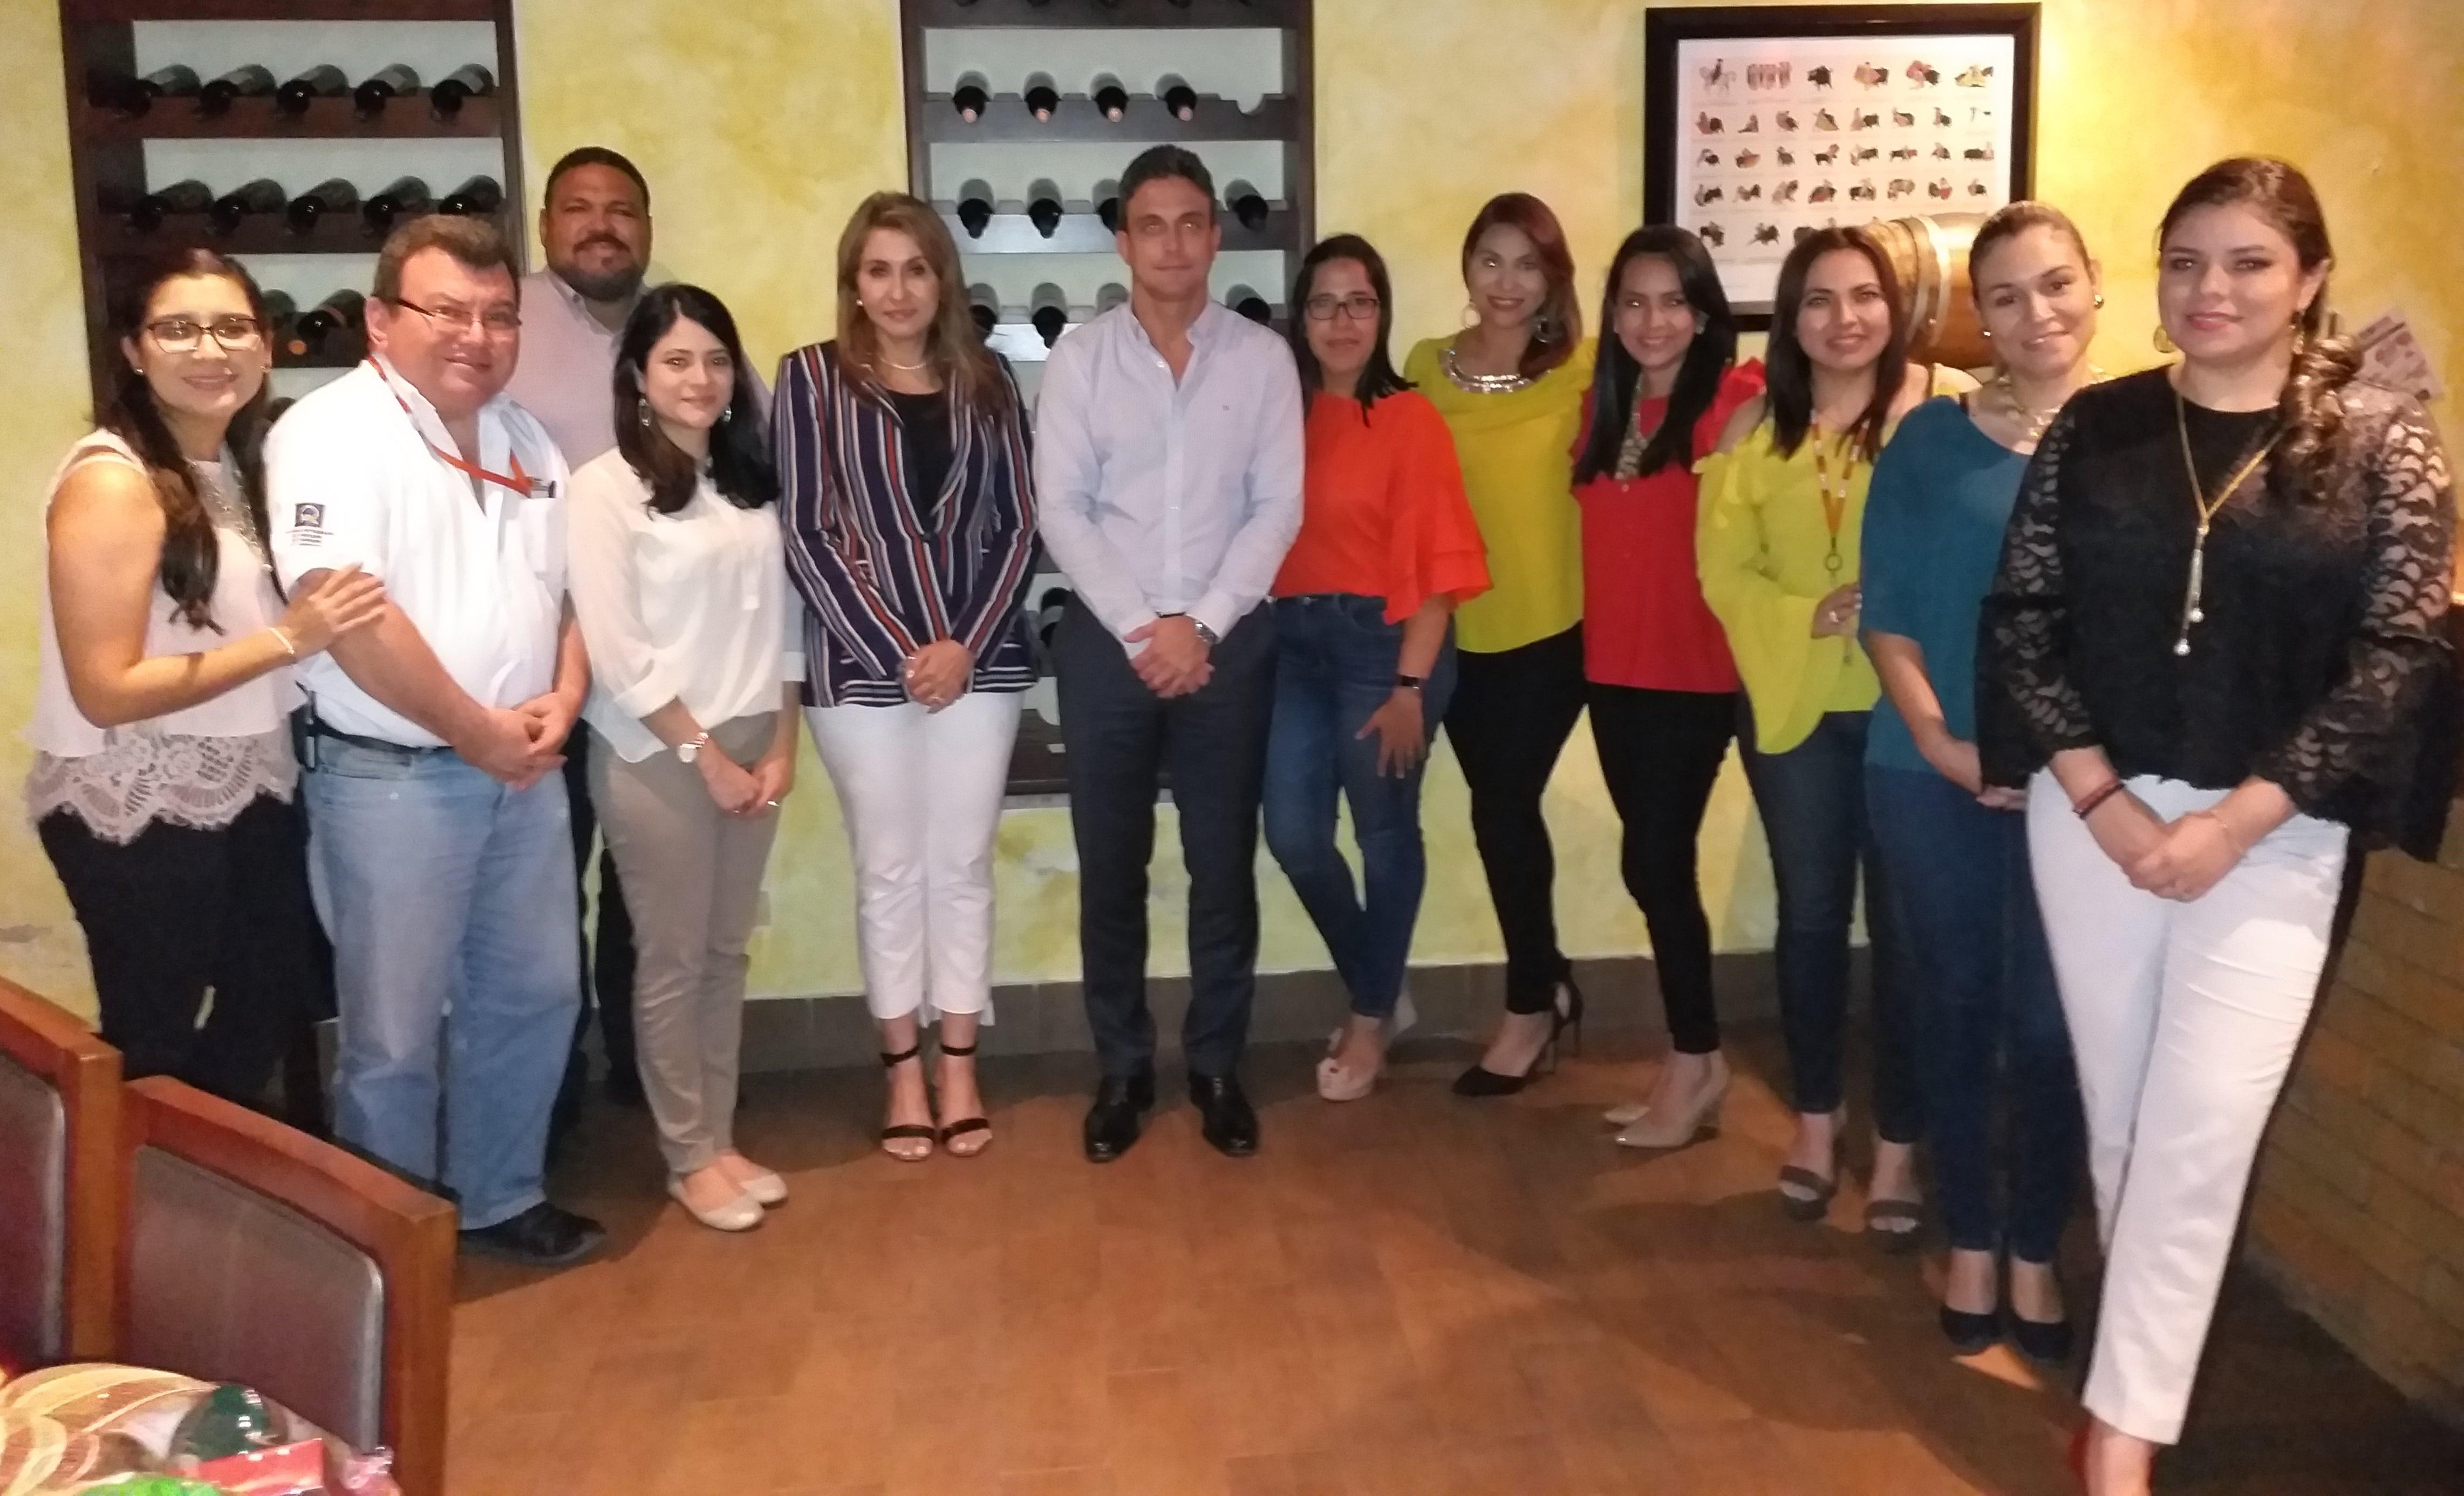 Voluntarios junto al Sr. Mariano Turnes, Director General OPC; Estefany Sierra, voluntaria estrella; Meyvi Castañeda, Gerente de RSE de OPC; Carol Acosta, Coordinadora de Relaciones Internas OPC y Andrea Medina, Coordinadora de RSE de OPC.